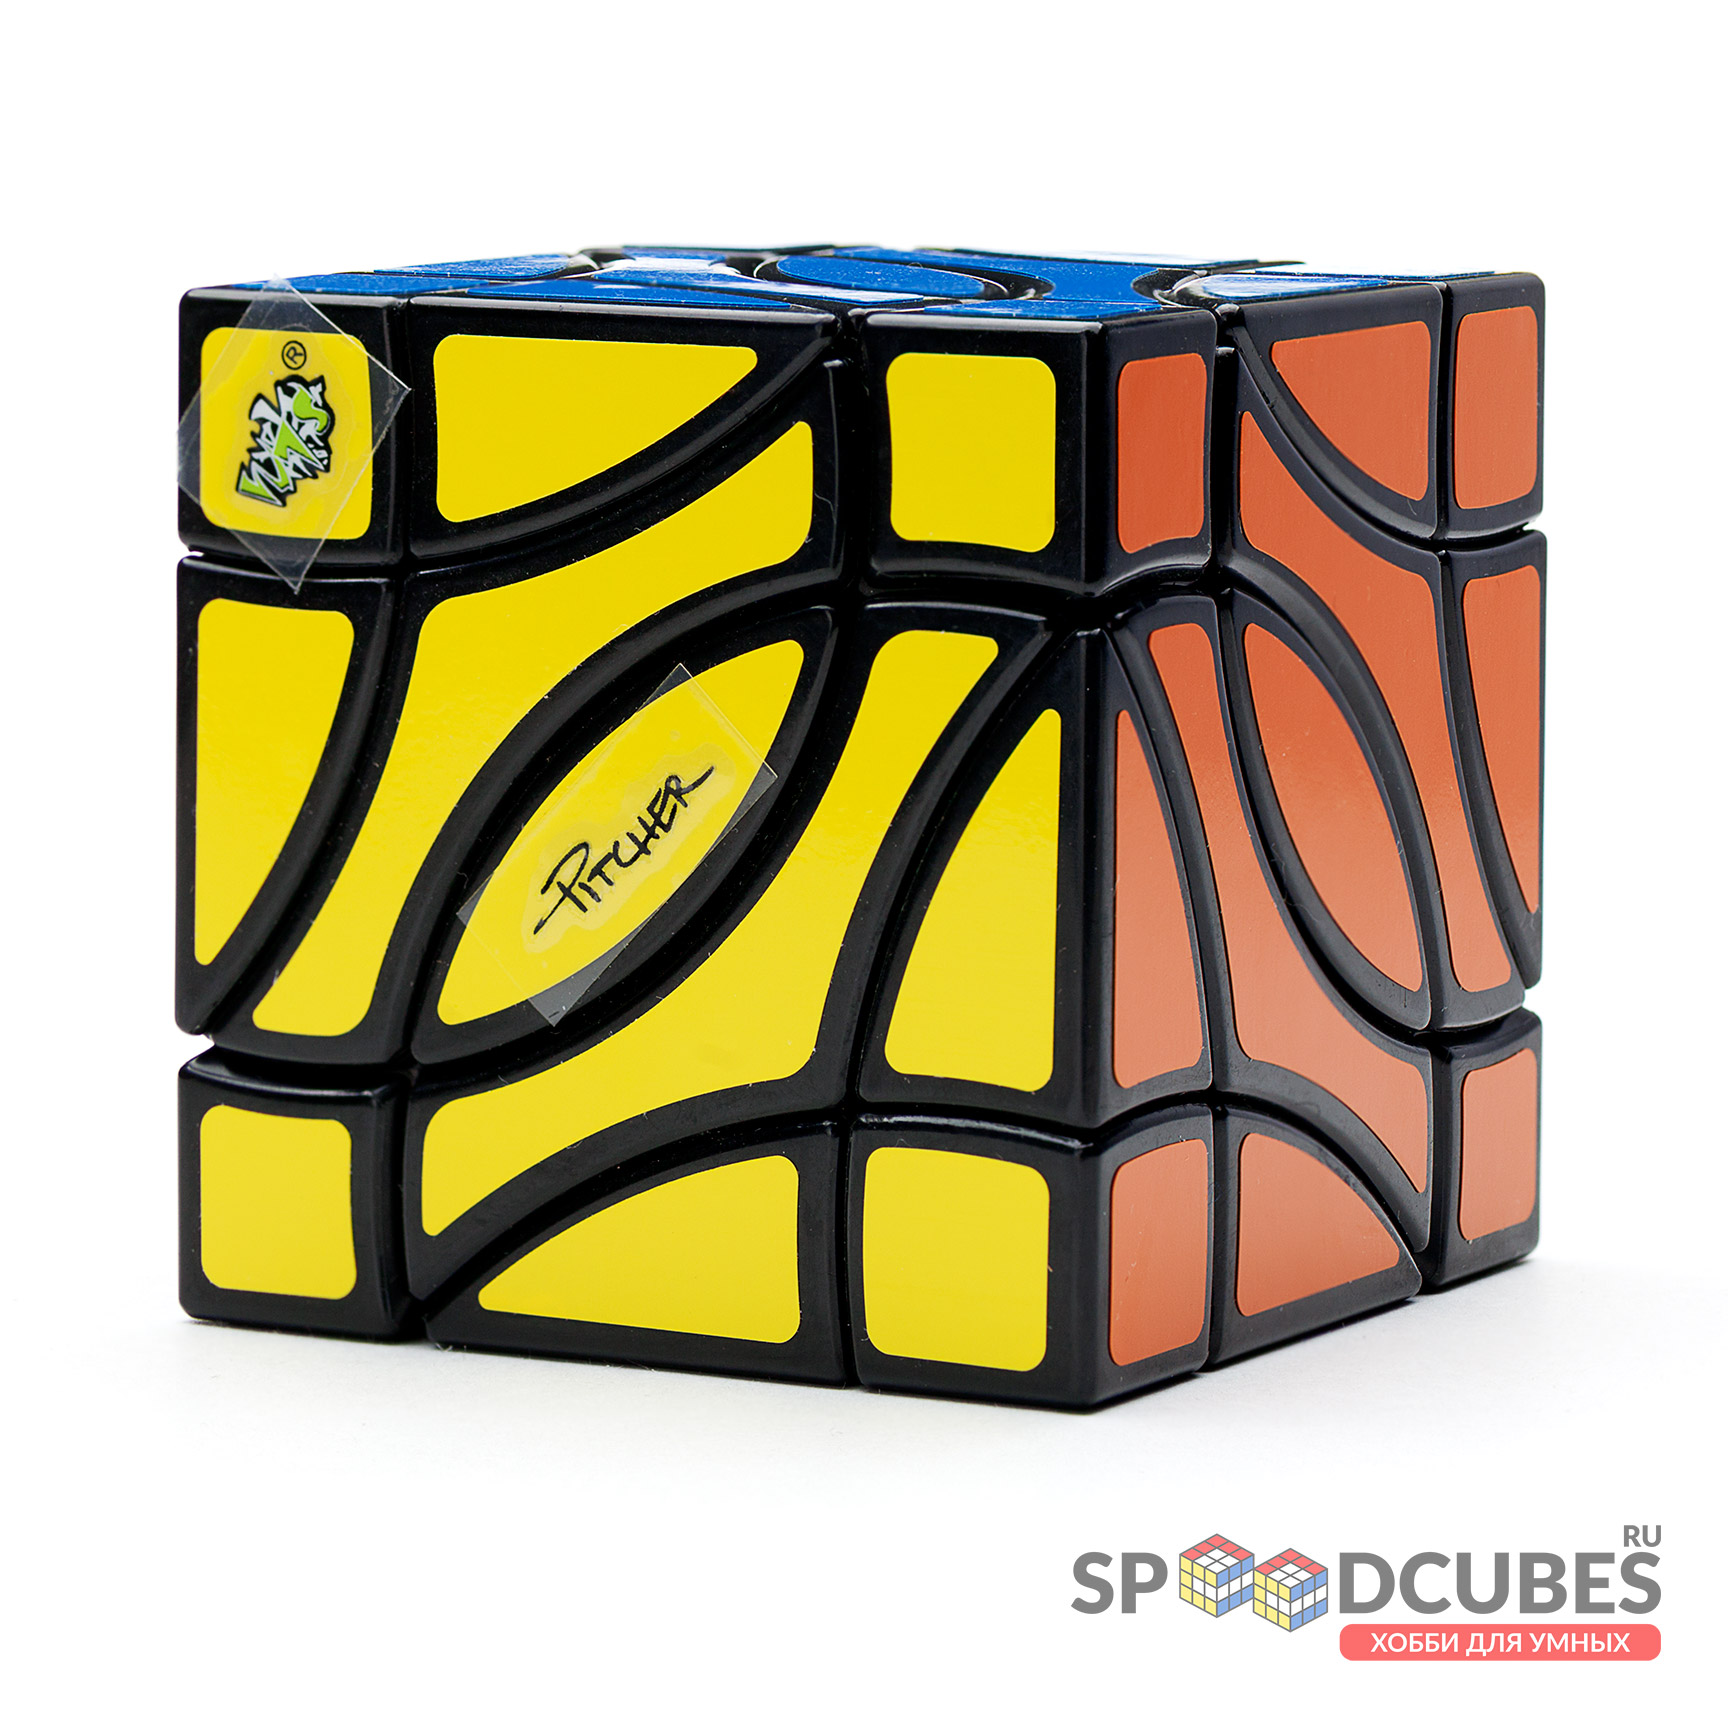 Lanlan 4 Corners Cube